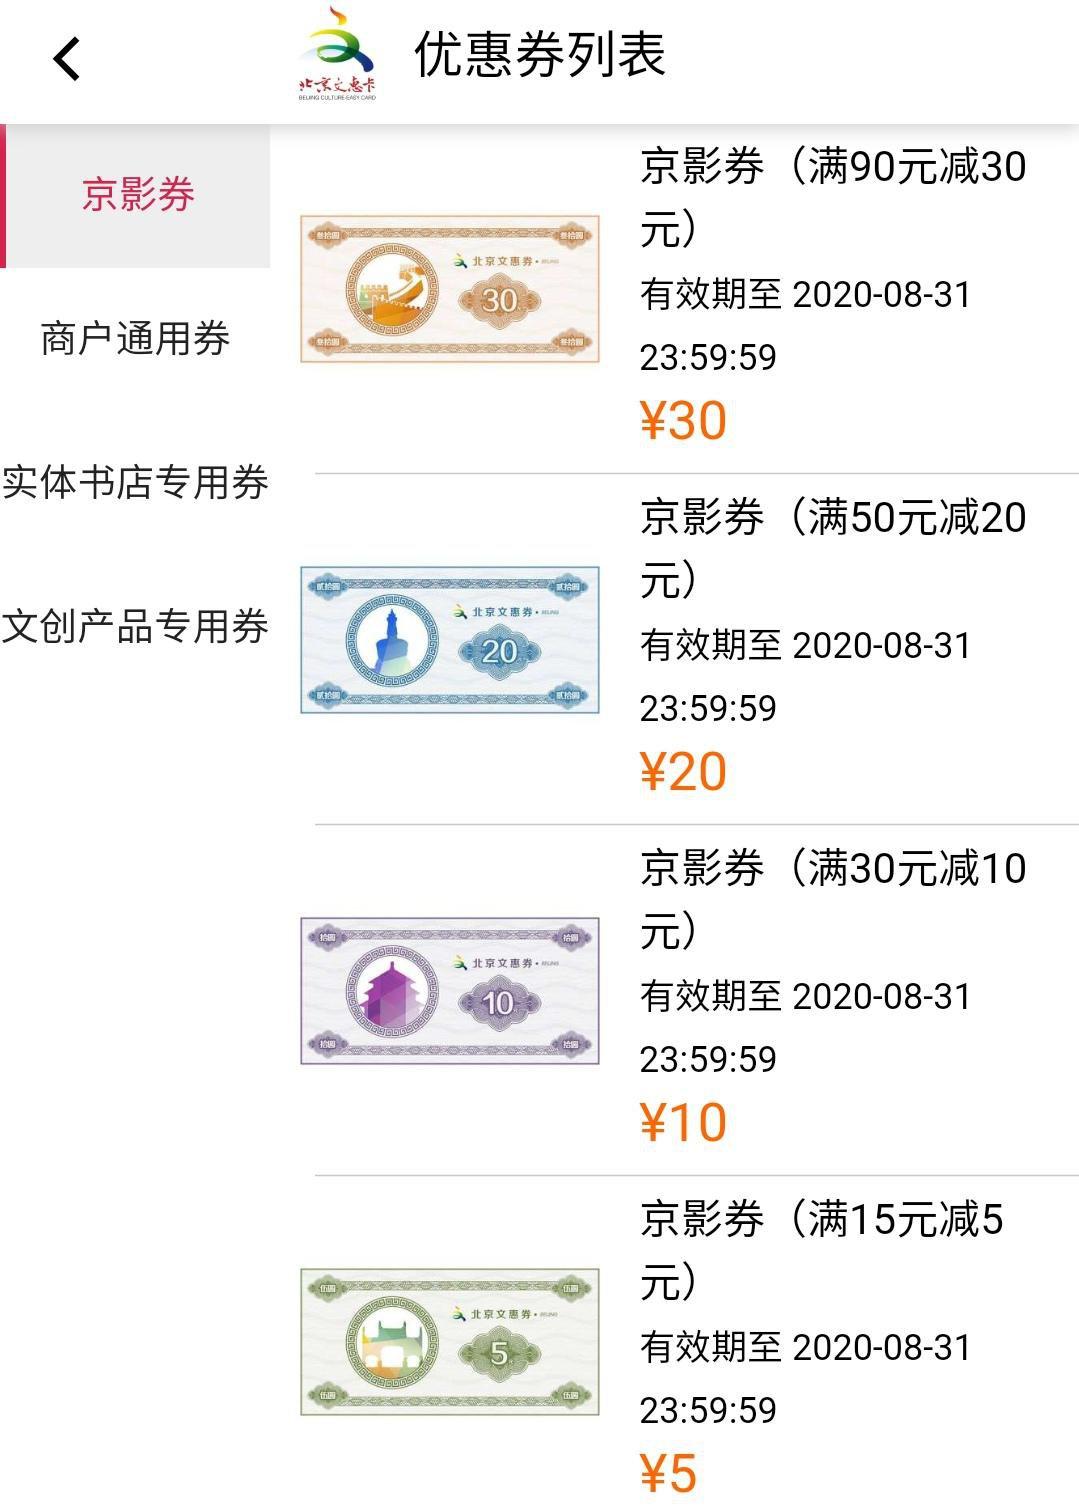 2020年北京千万元电影券在哪里买?